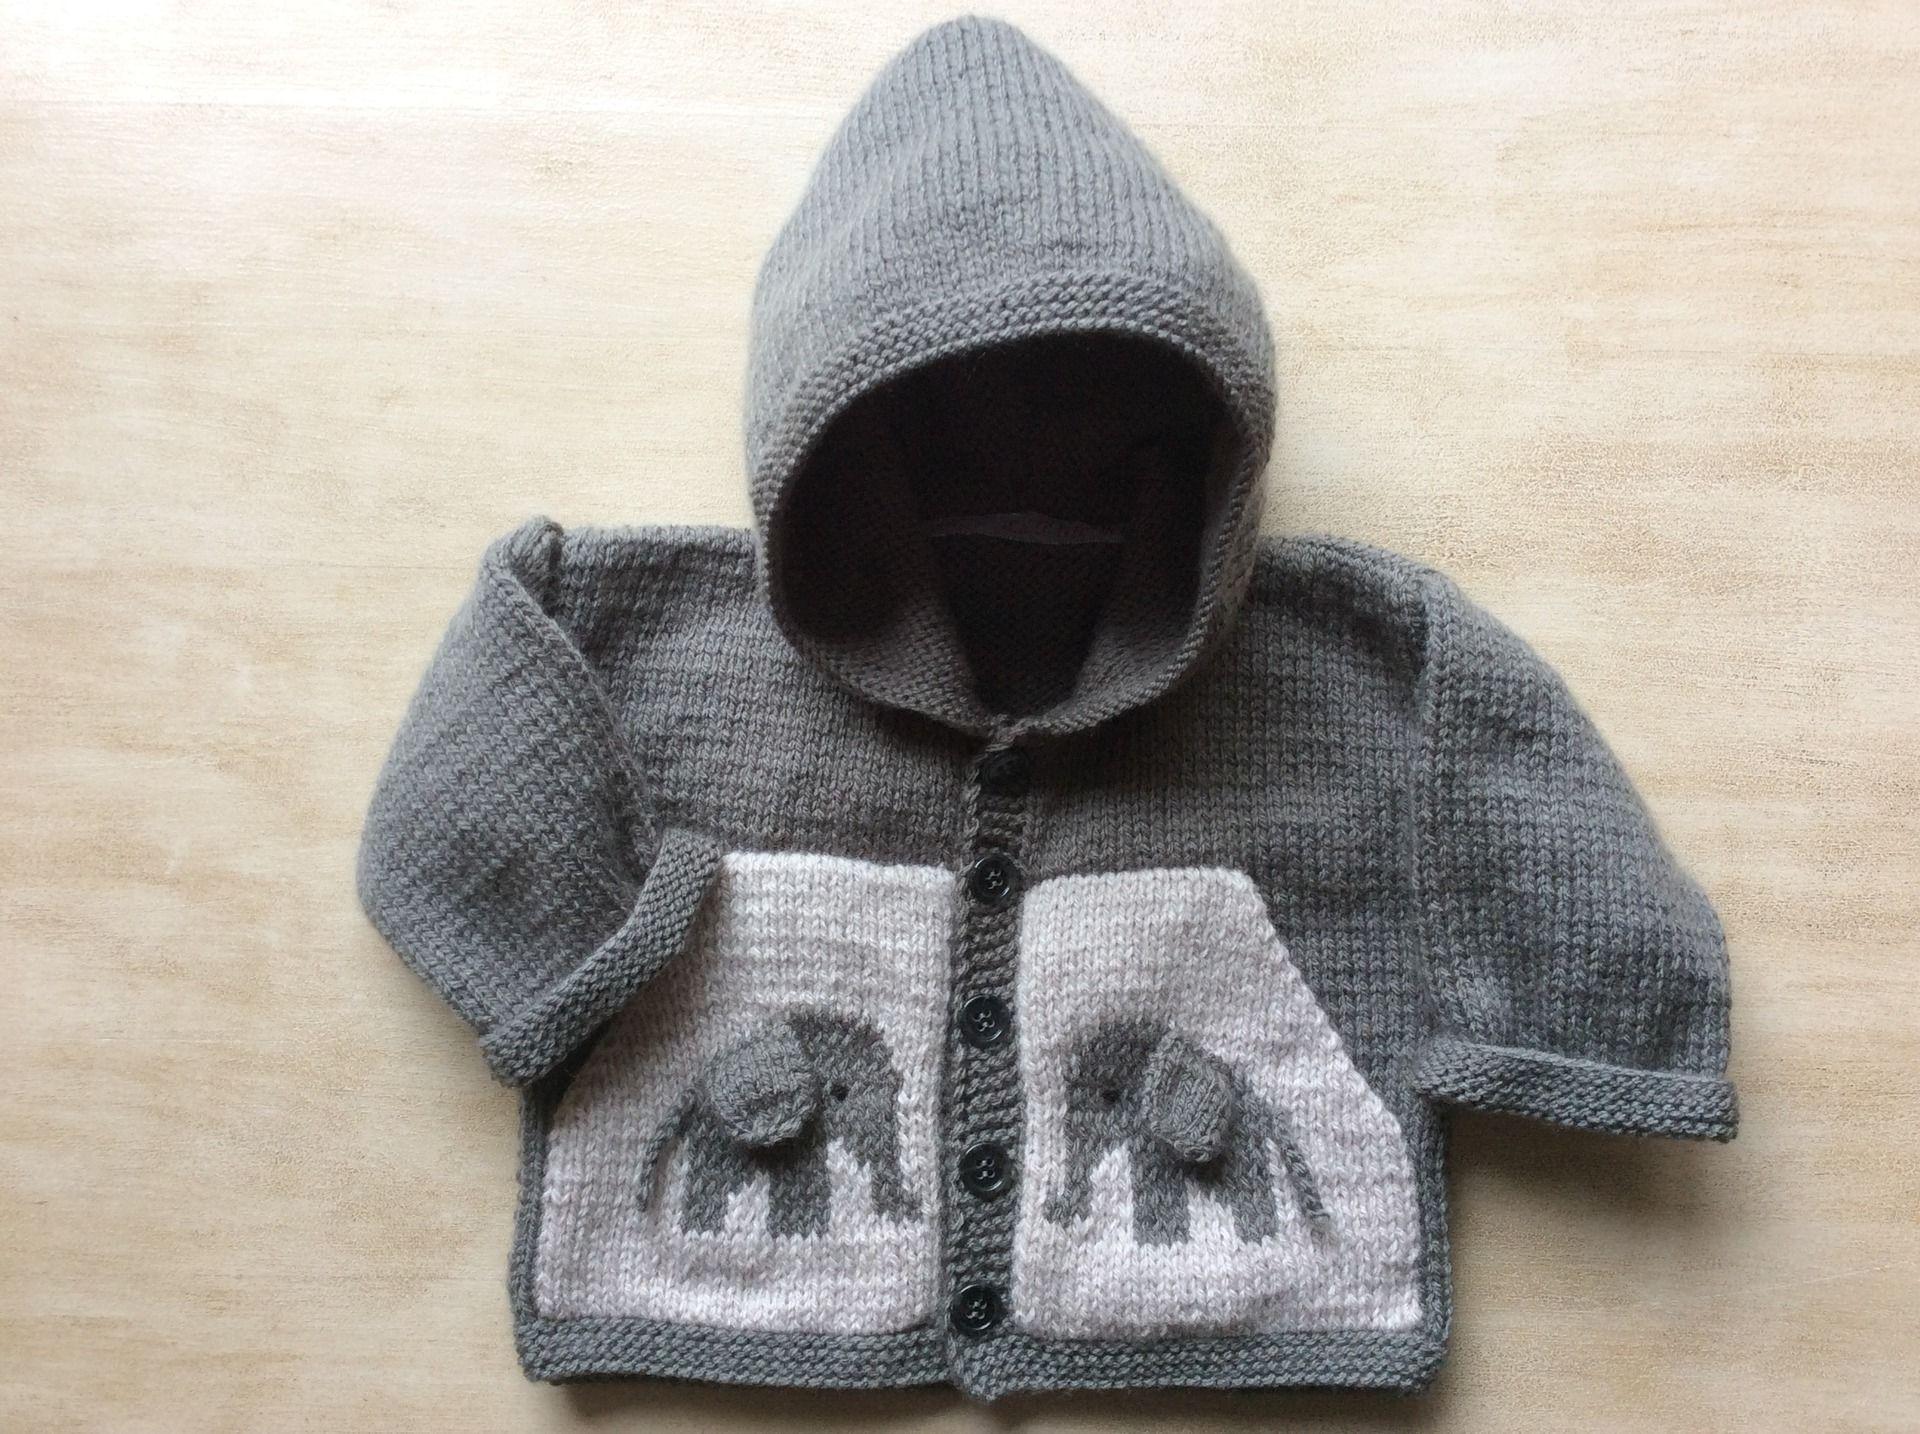 gilet capuche 1 6 mois gris souris poches motif jacquard l phant mode b b par la p tite. Black Bedroom Furniture Sets. Home Design Ideas